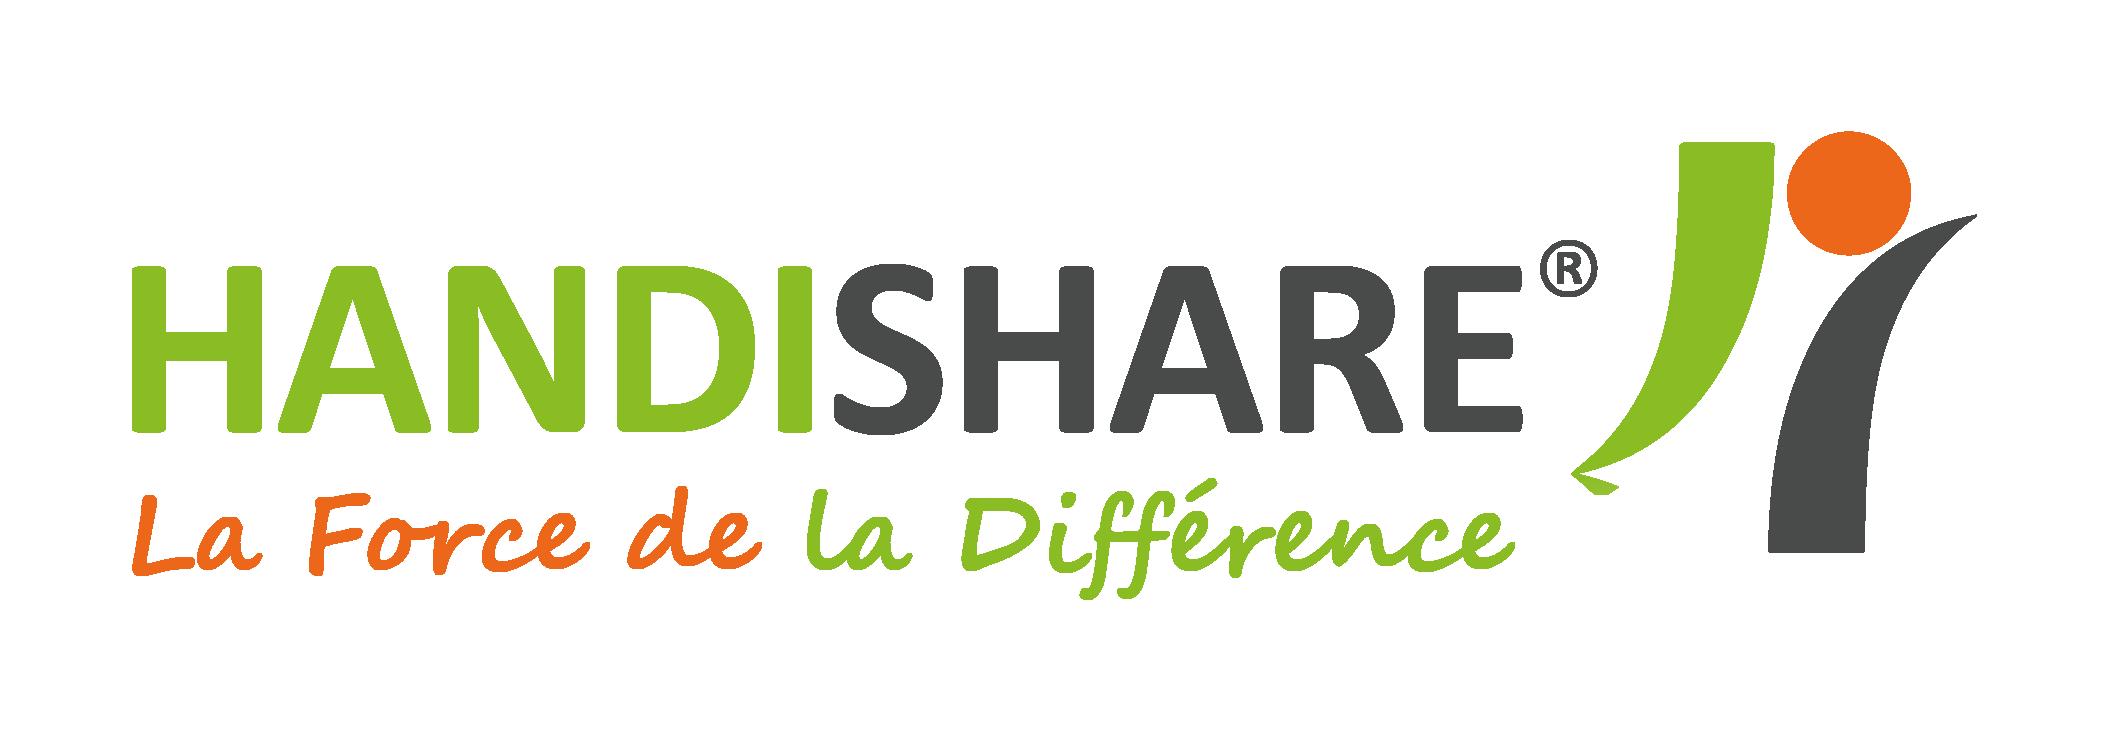 Visitez le stand de HandiSHARE